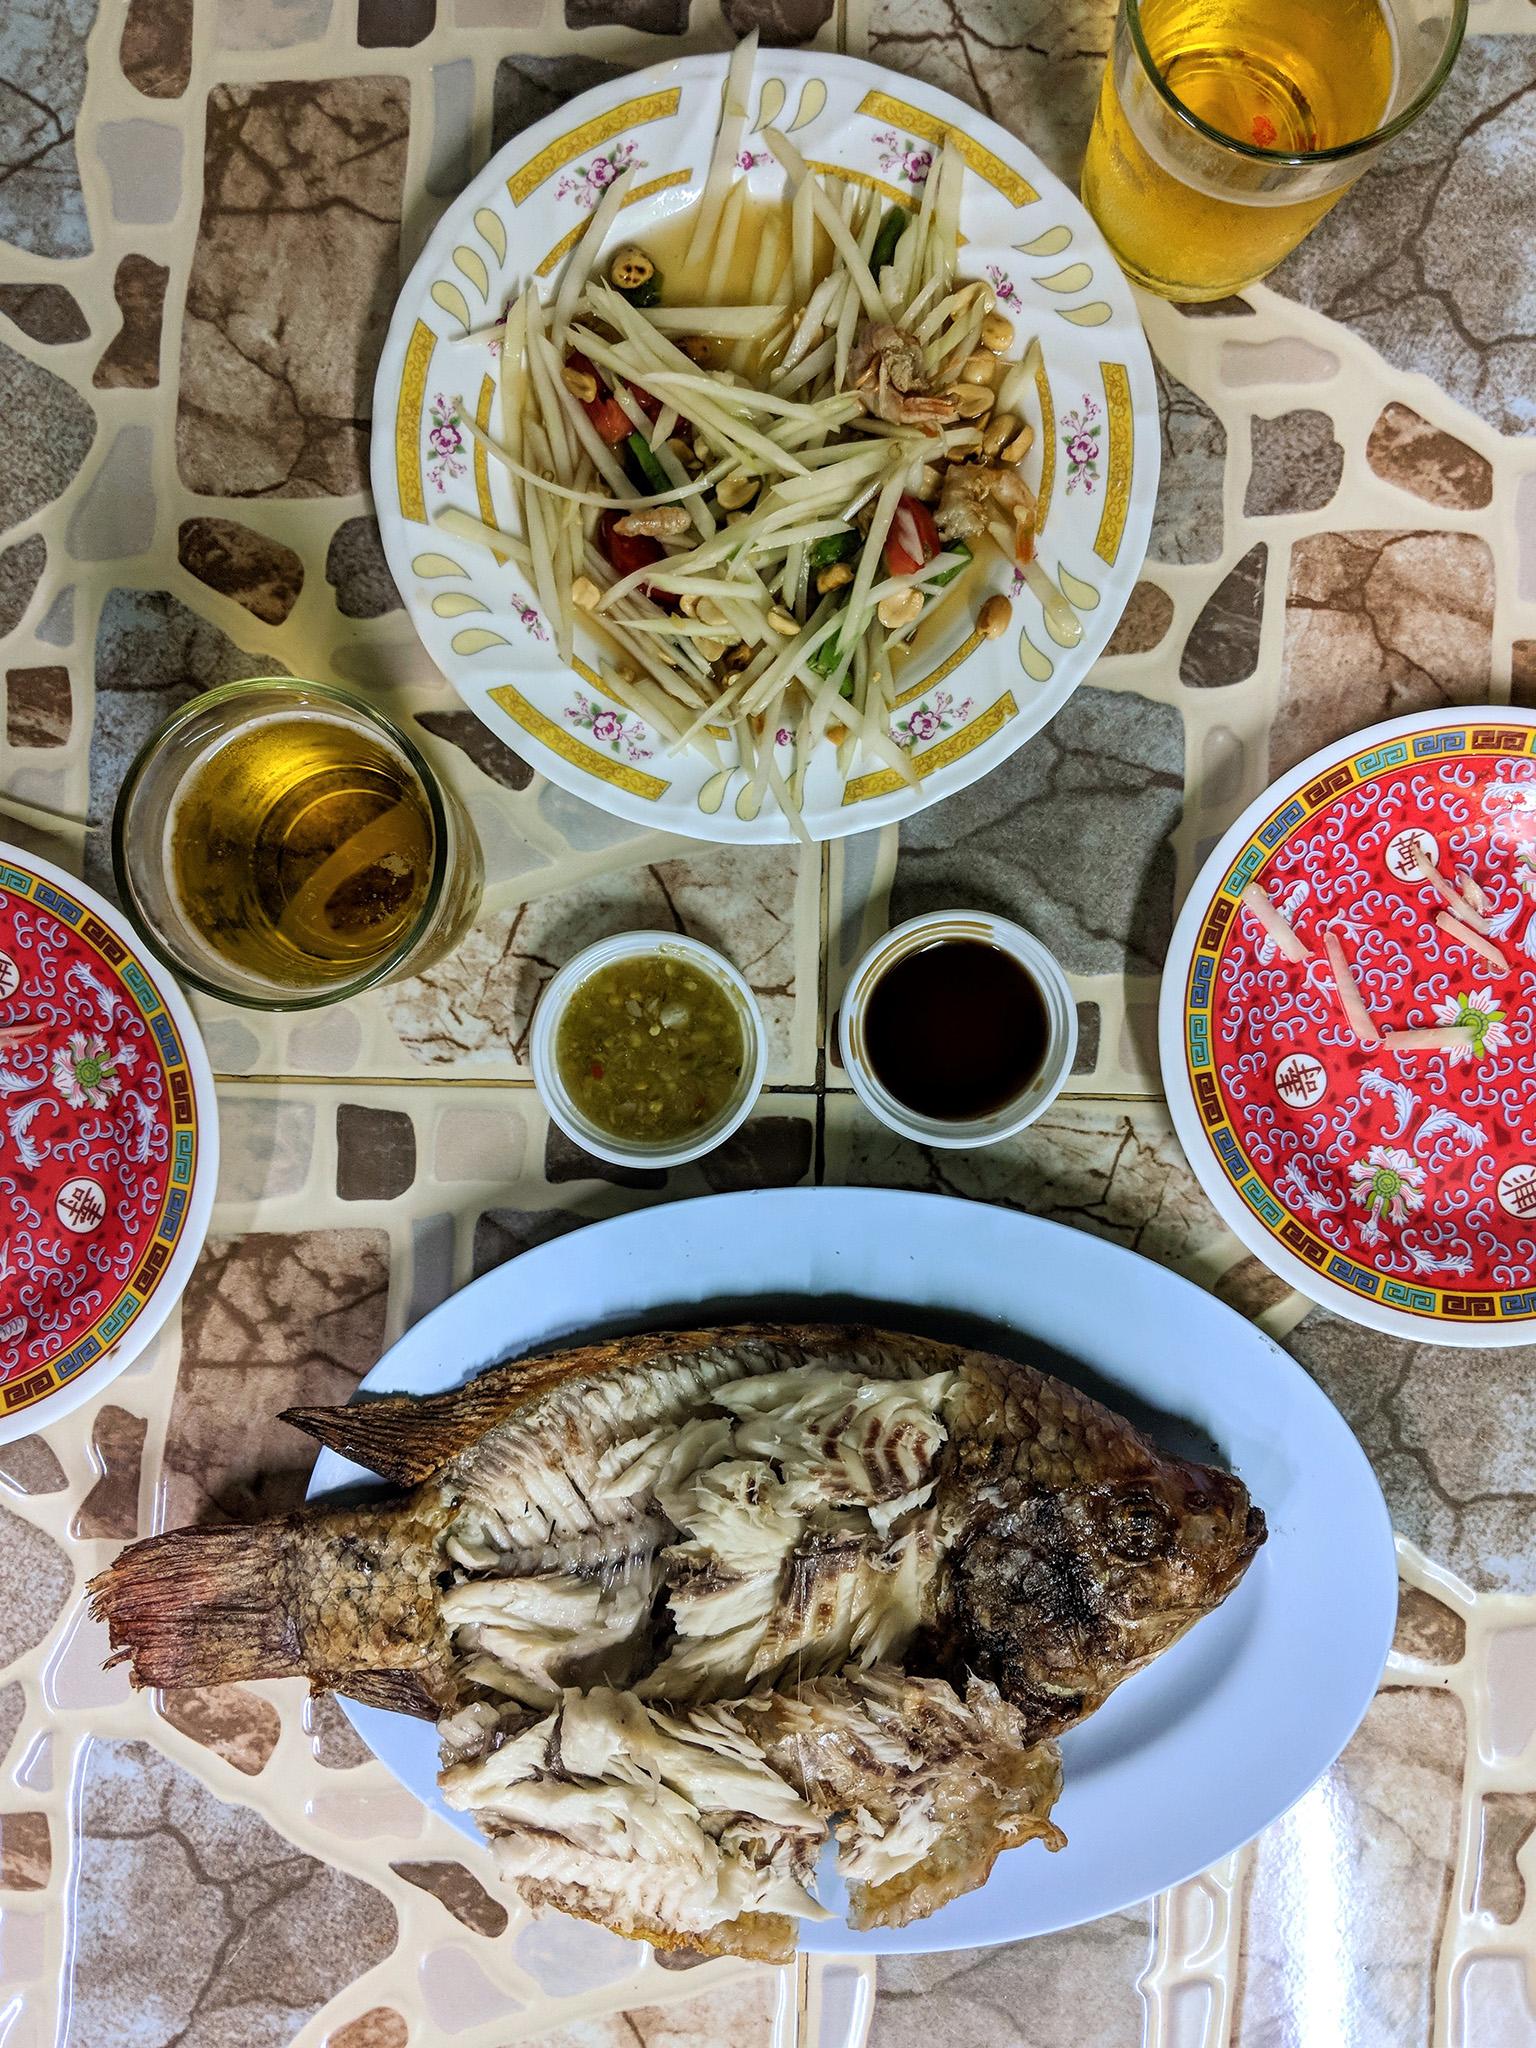 Papaya Salad and Grilled Fish at Lert Ros